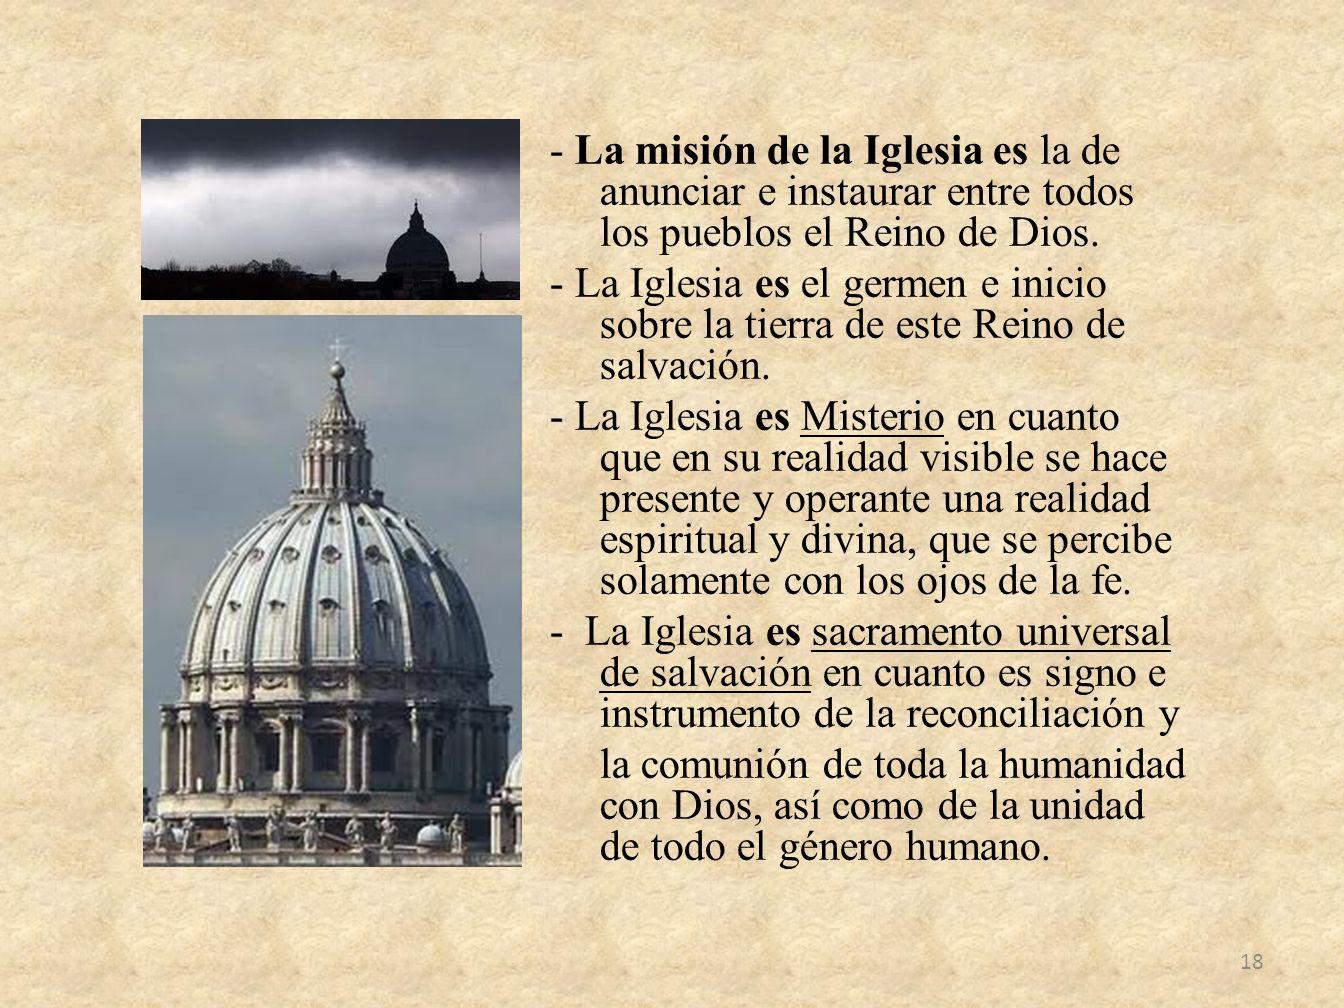 - La misión de la Iglesia es la de anunciar e instaurar entre todos los pueblos el Reino de Dios.